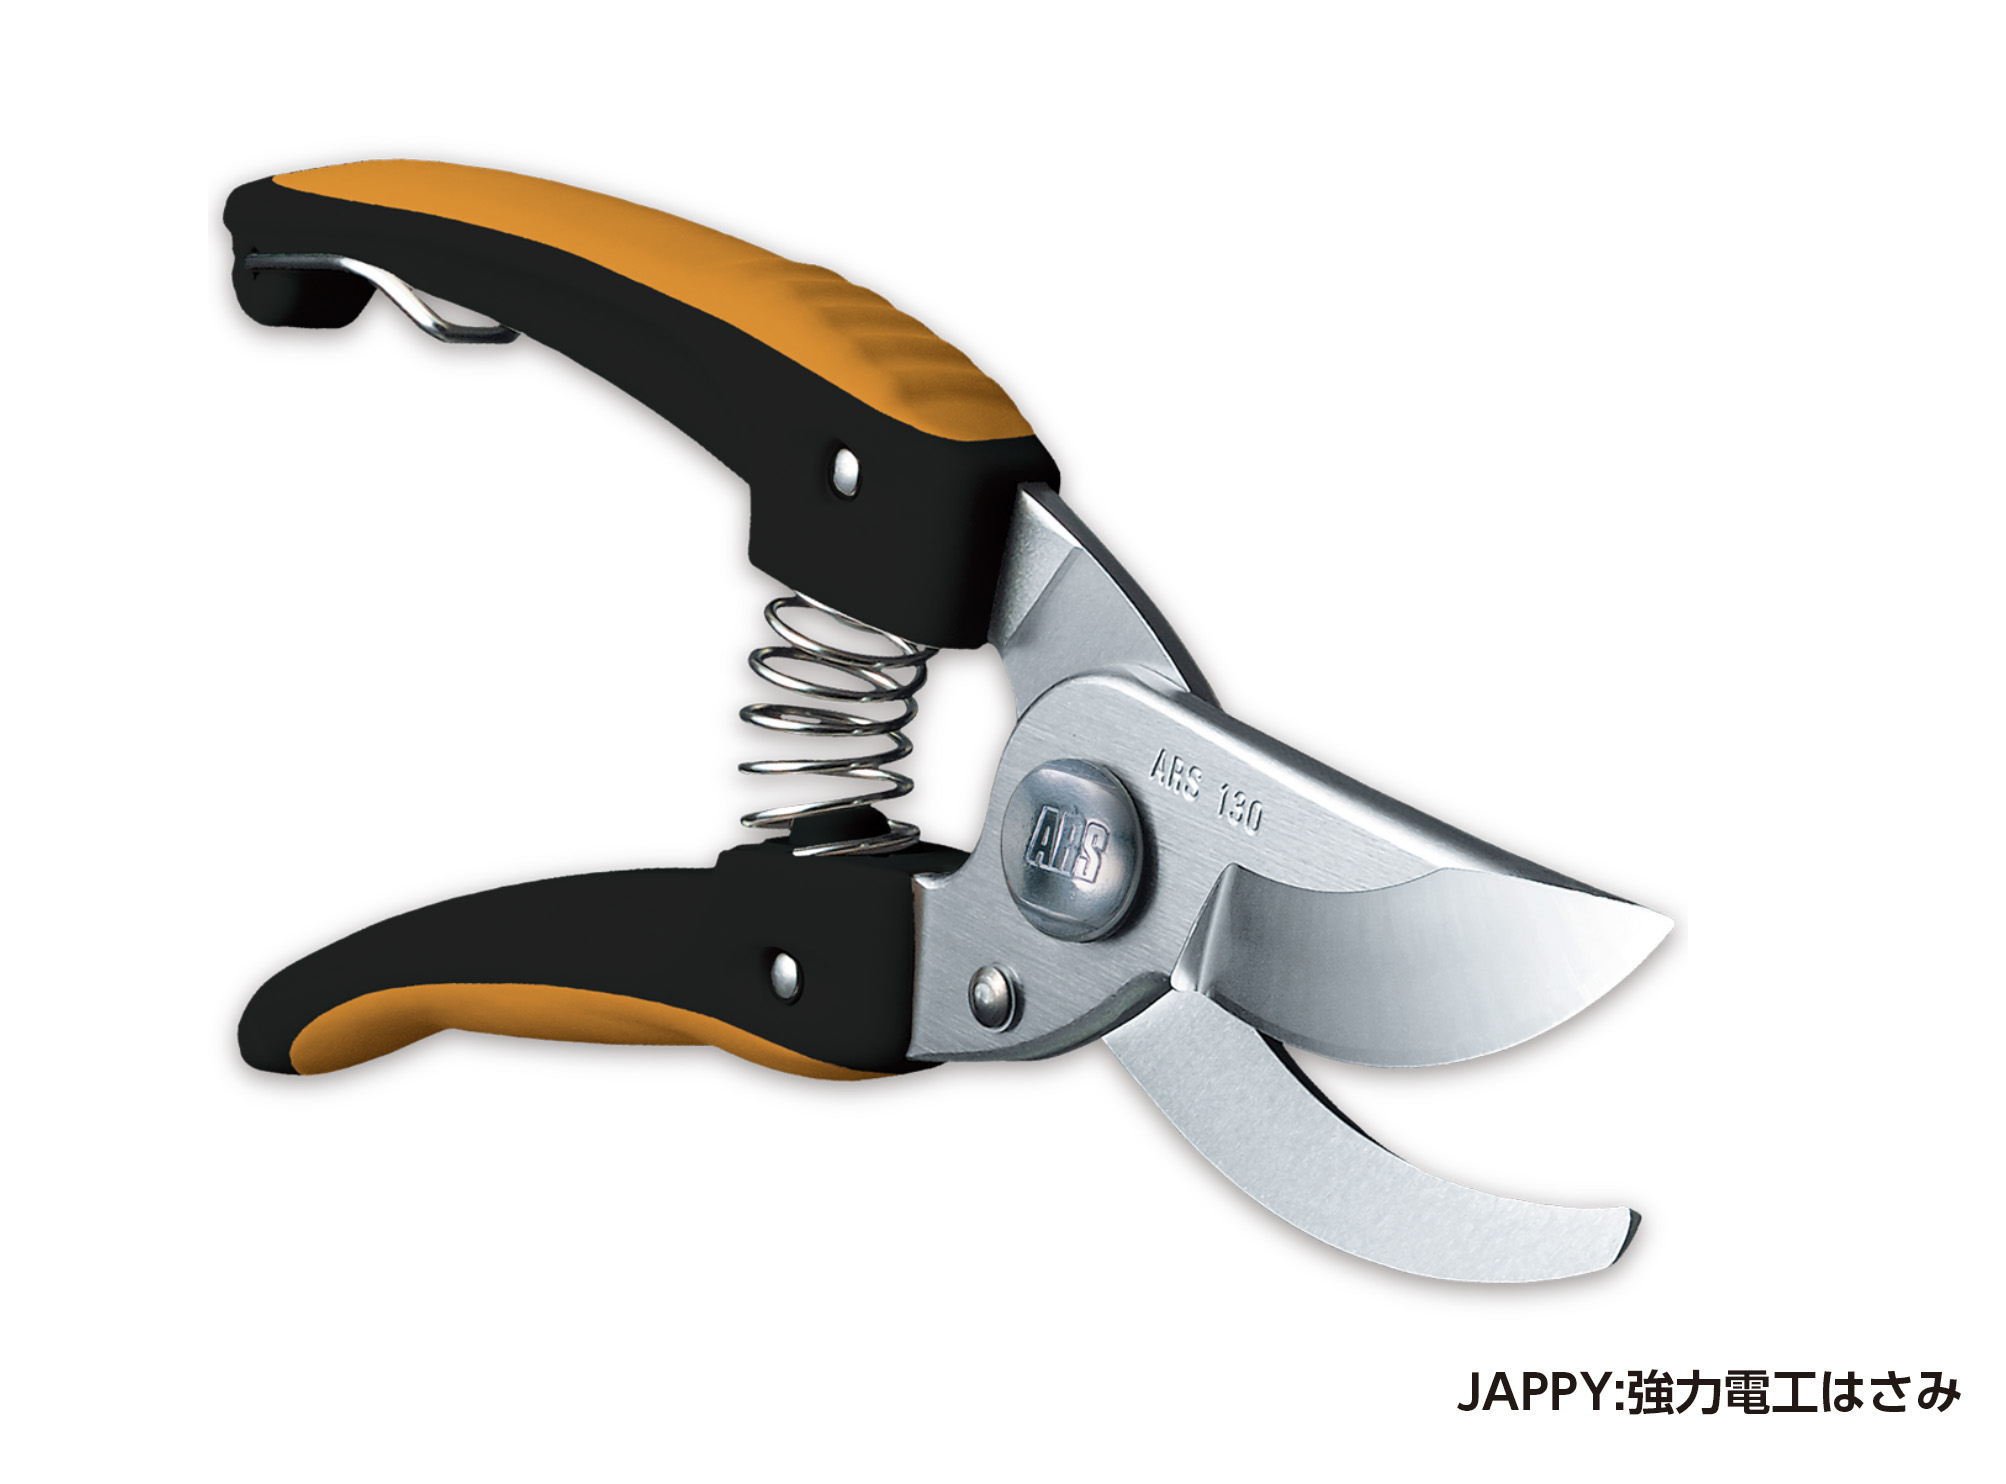 電工さんの工具箱 第20回「電工ハサミ」手軽に幅広く使える切断工具。の画像